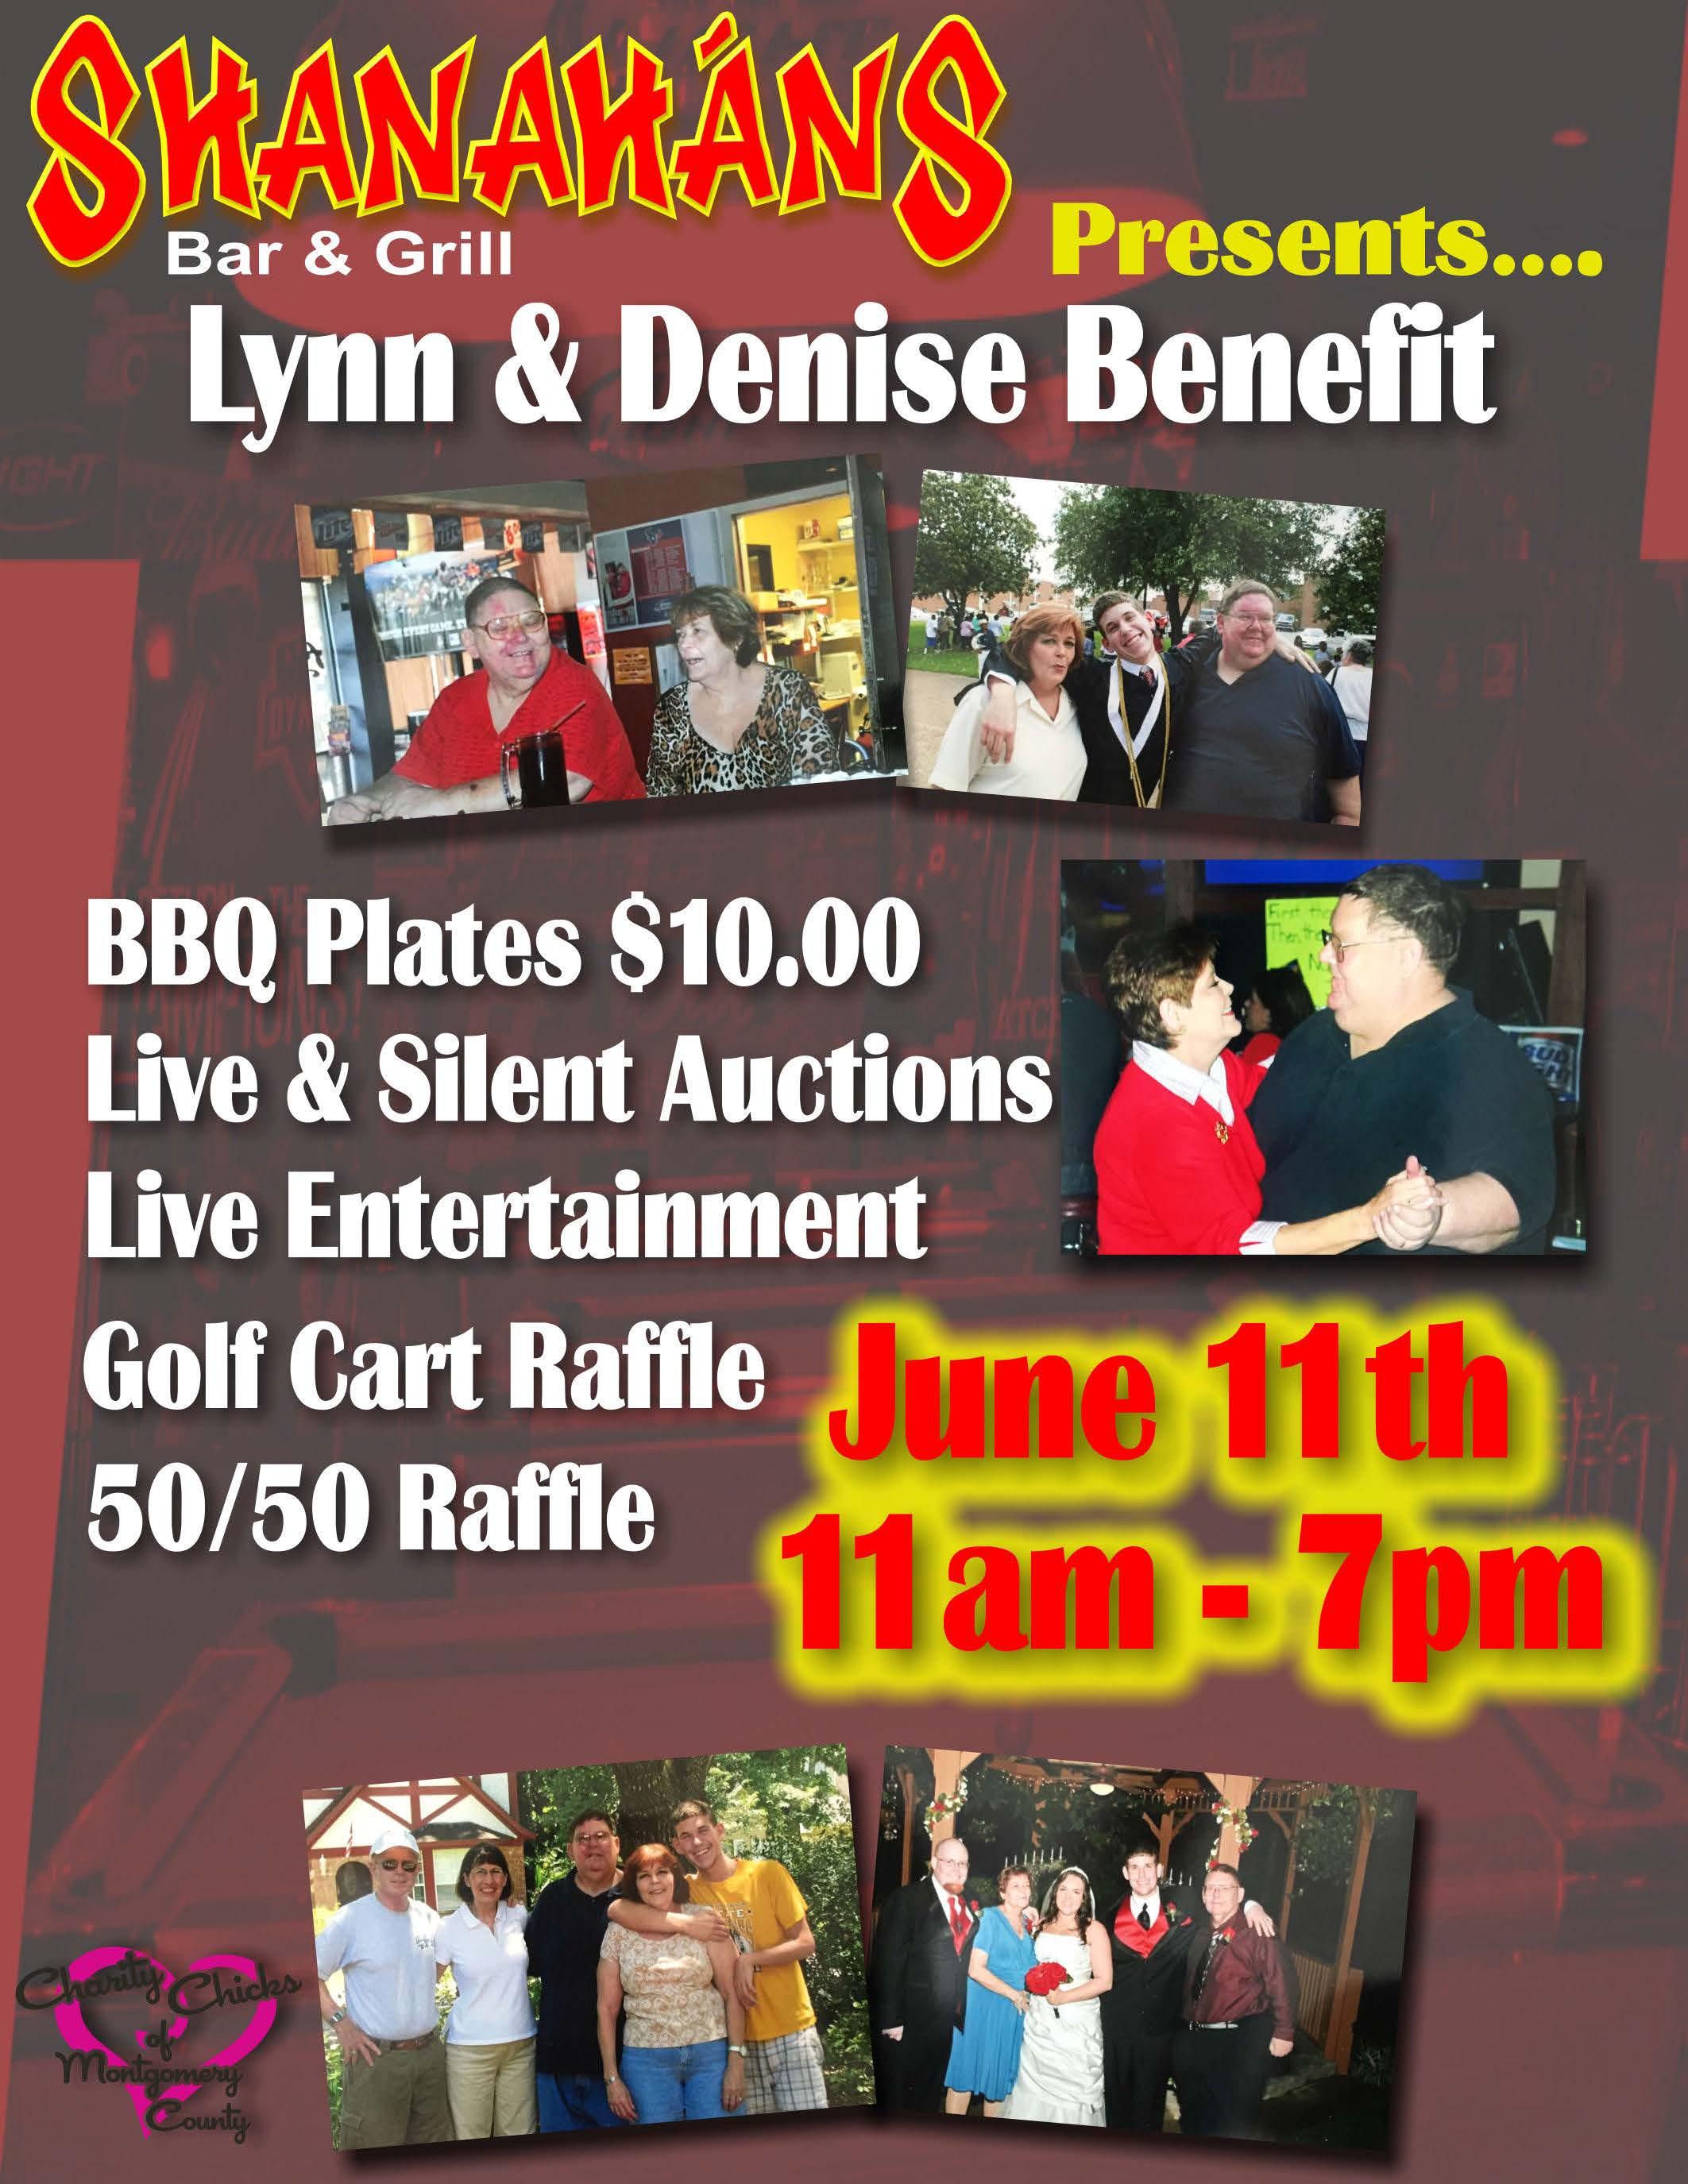 Lynn & Denise Benefit